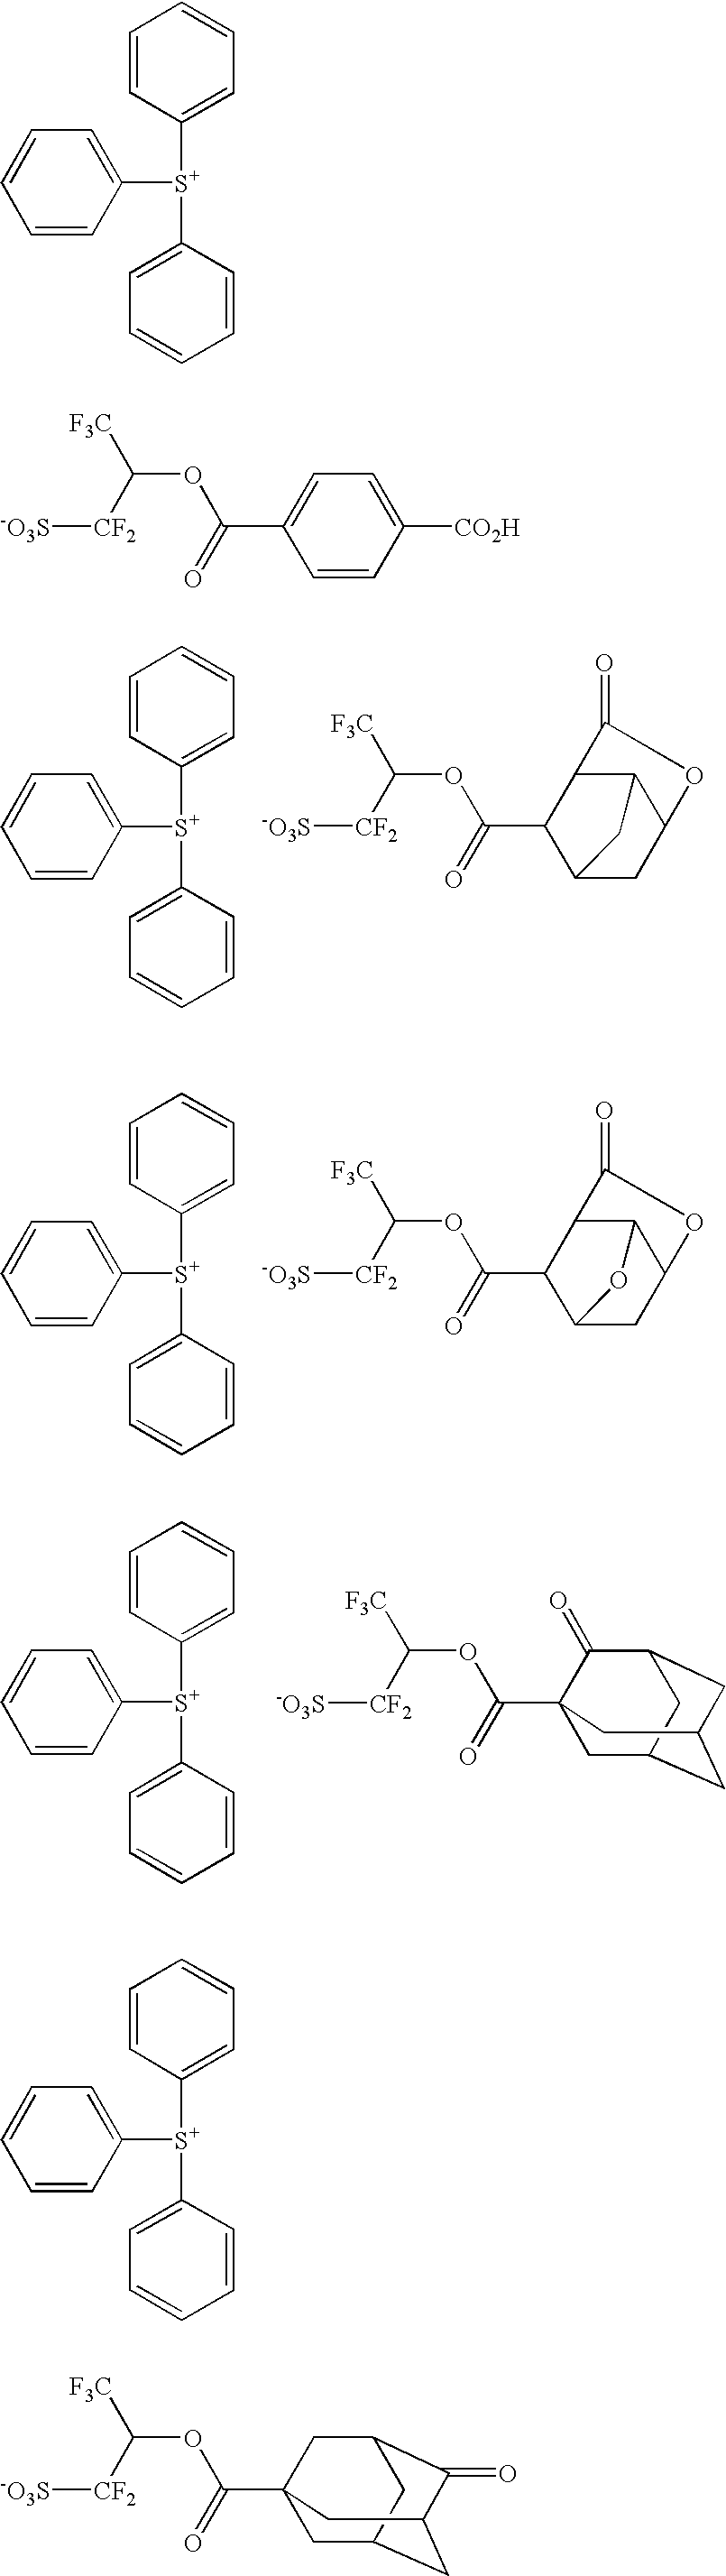 Figure US08062828-20111122-C00033